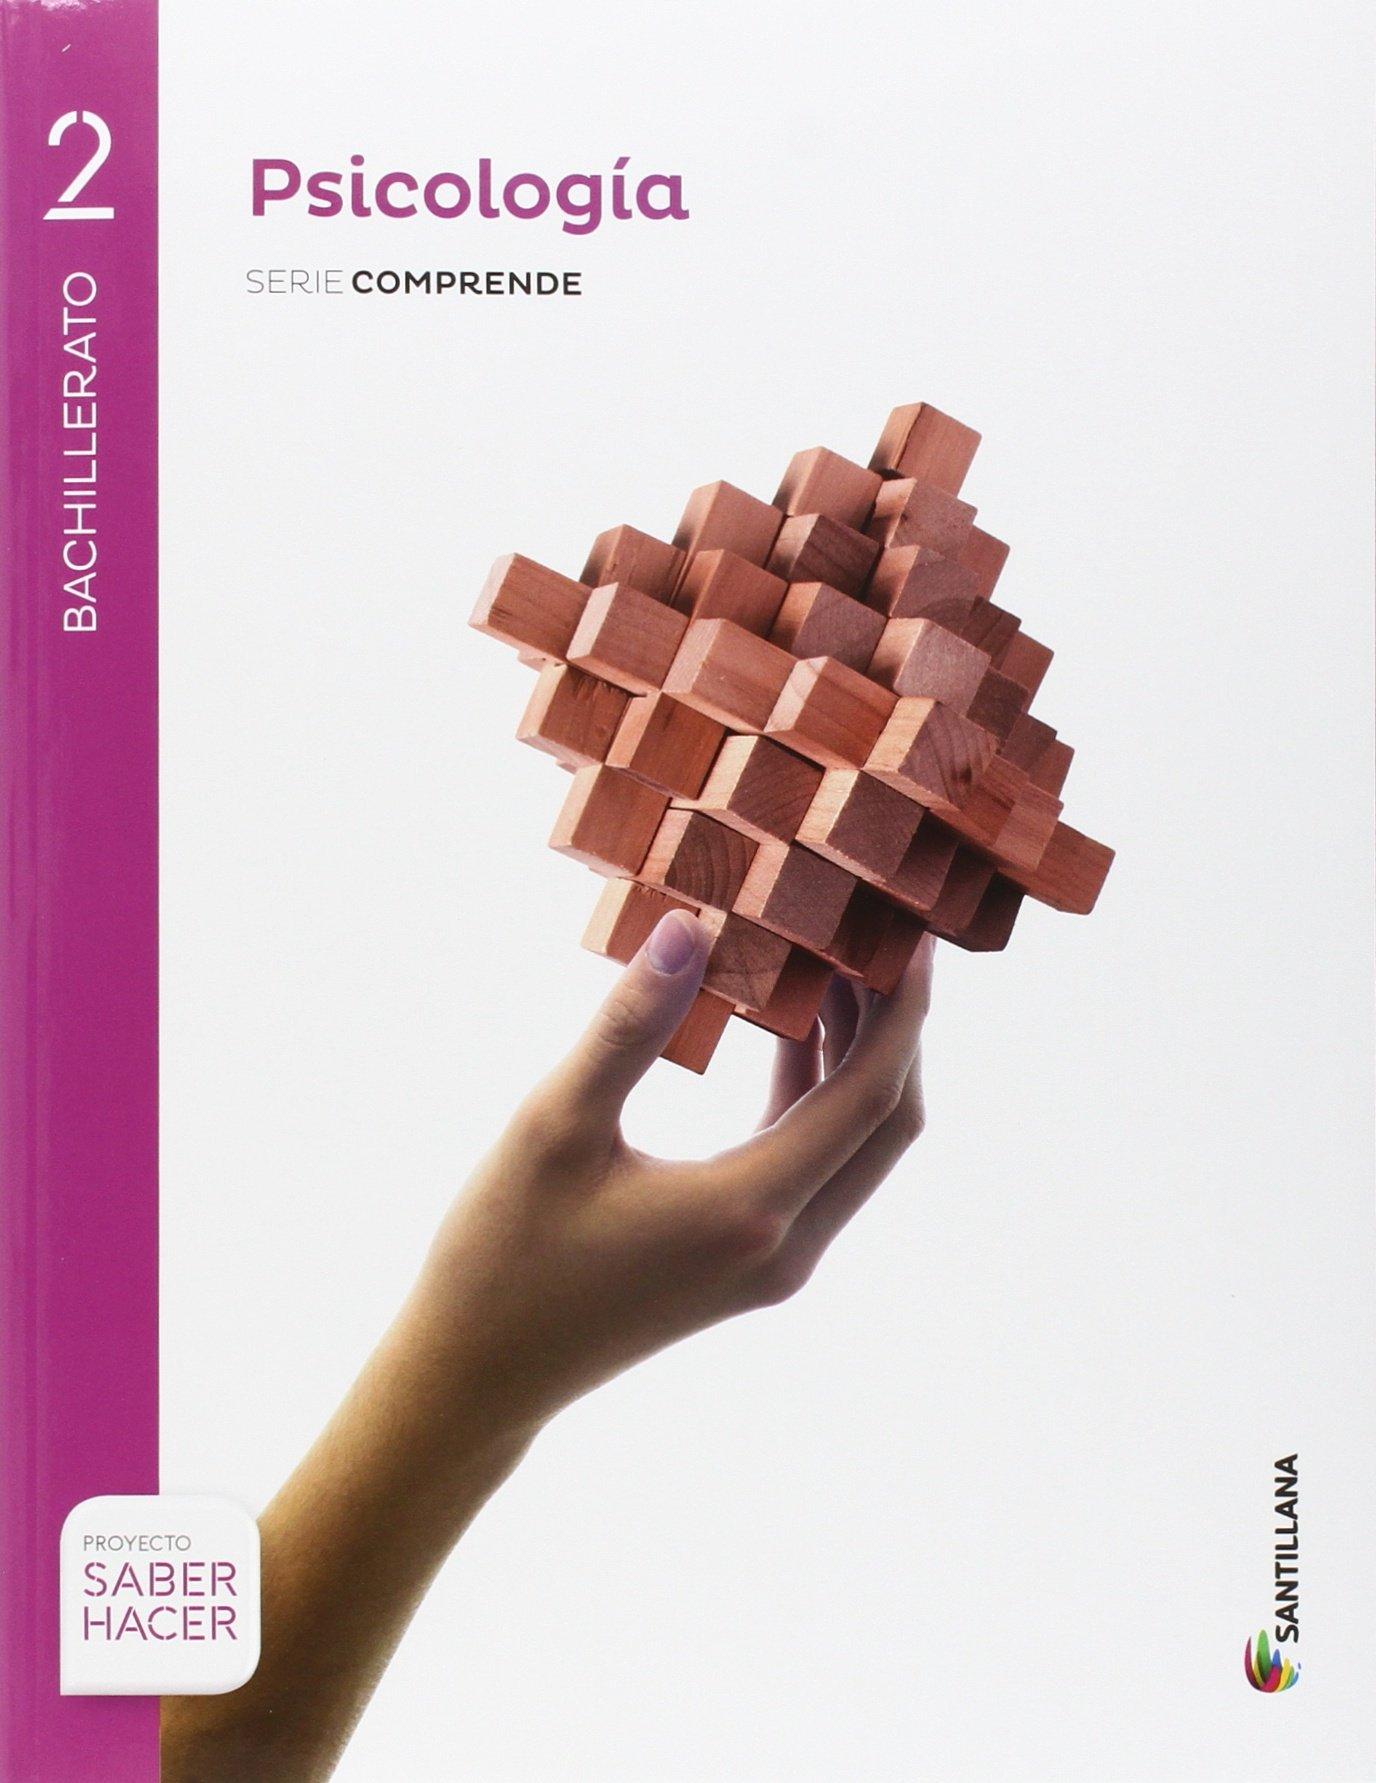 PSICOLOGÍA SERIE COMPRENDE 2 BTO SABER HACER - 9788468039909: Amazon.es: Aa.Vv.: Libros